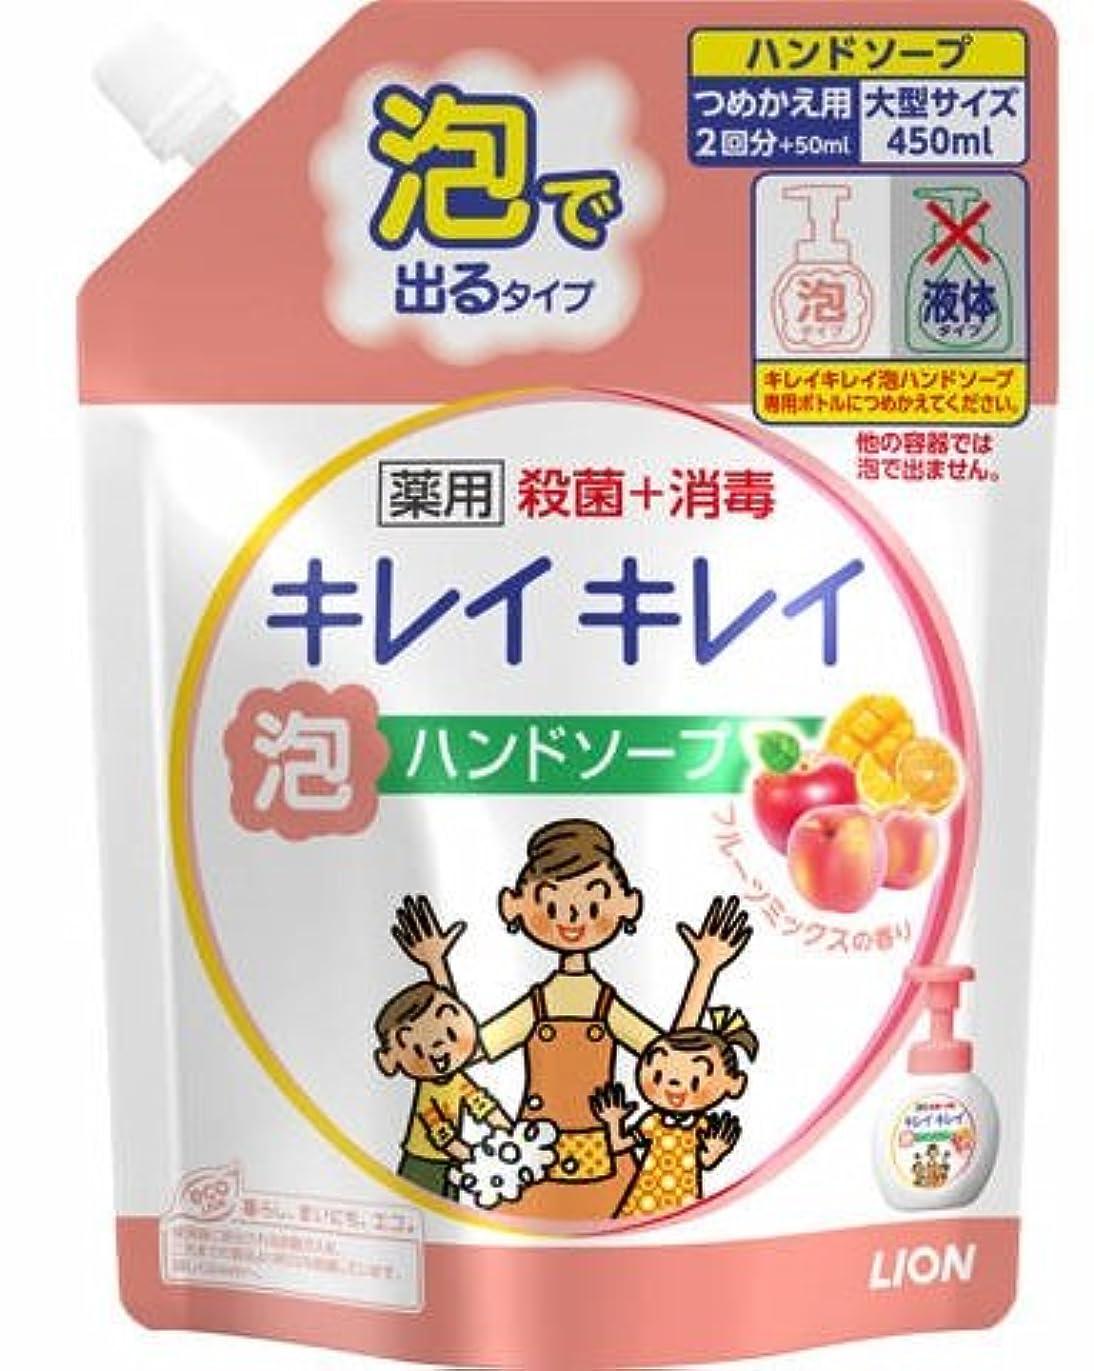 かき混ぜる通行人潜在的なキレイキレイ薬用泡HSフルーツミックス つめかえ用大型サイズ × 16個セット